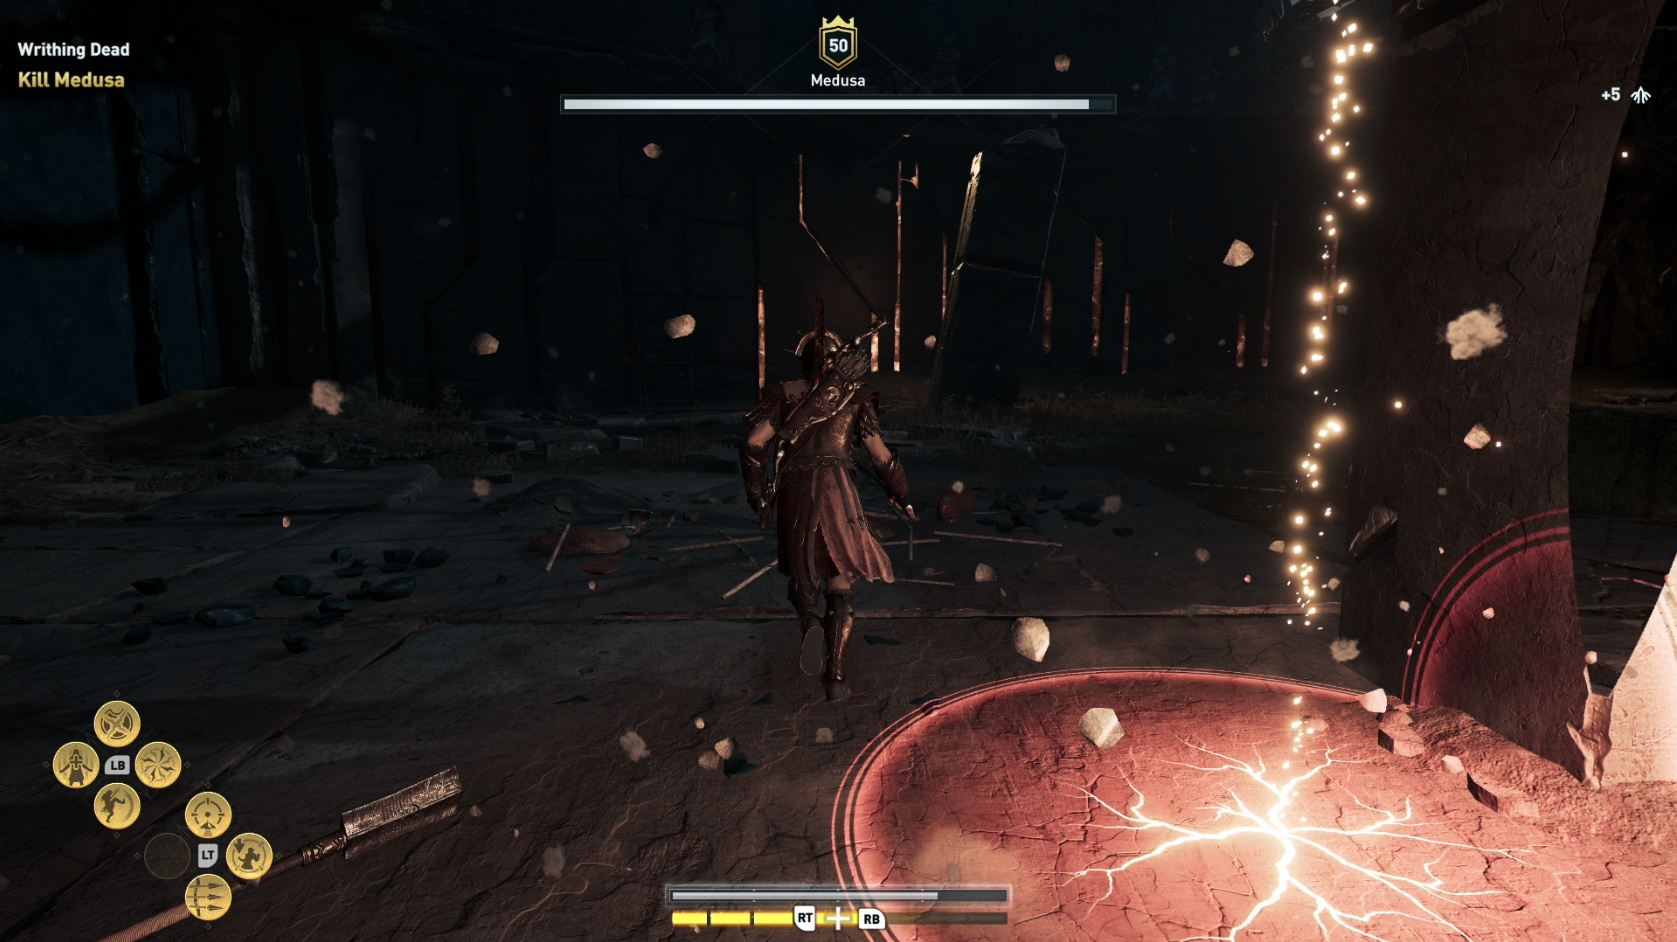 メデューサが刀を地面に突き刺すと、カサンドラの足元めがけて円形の連続攻撃が発生する